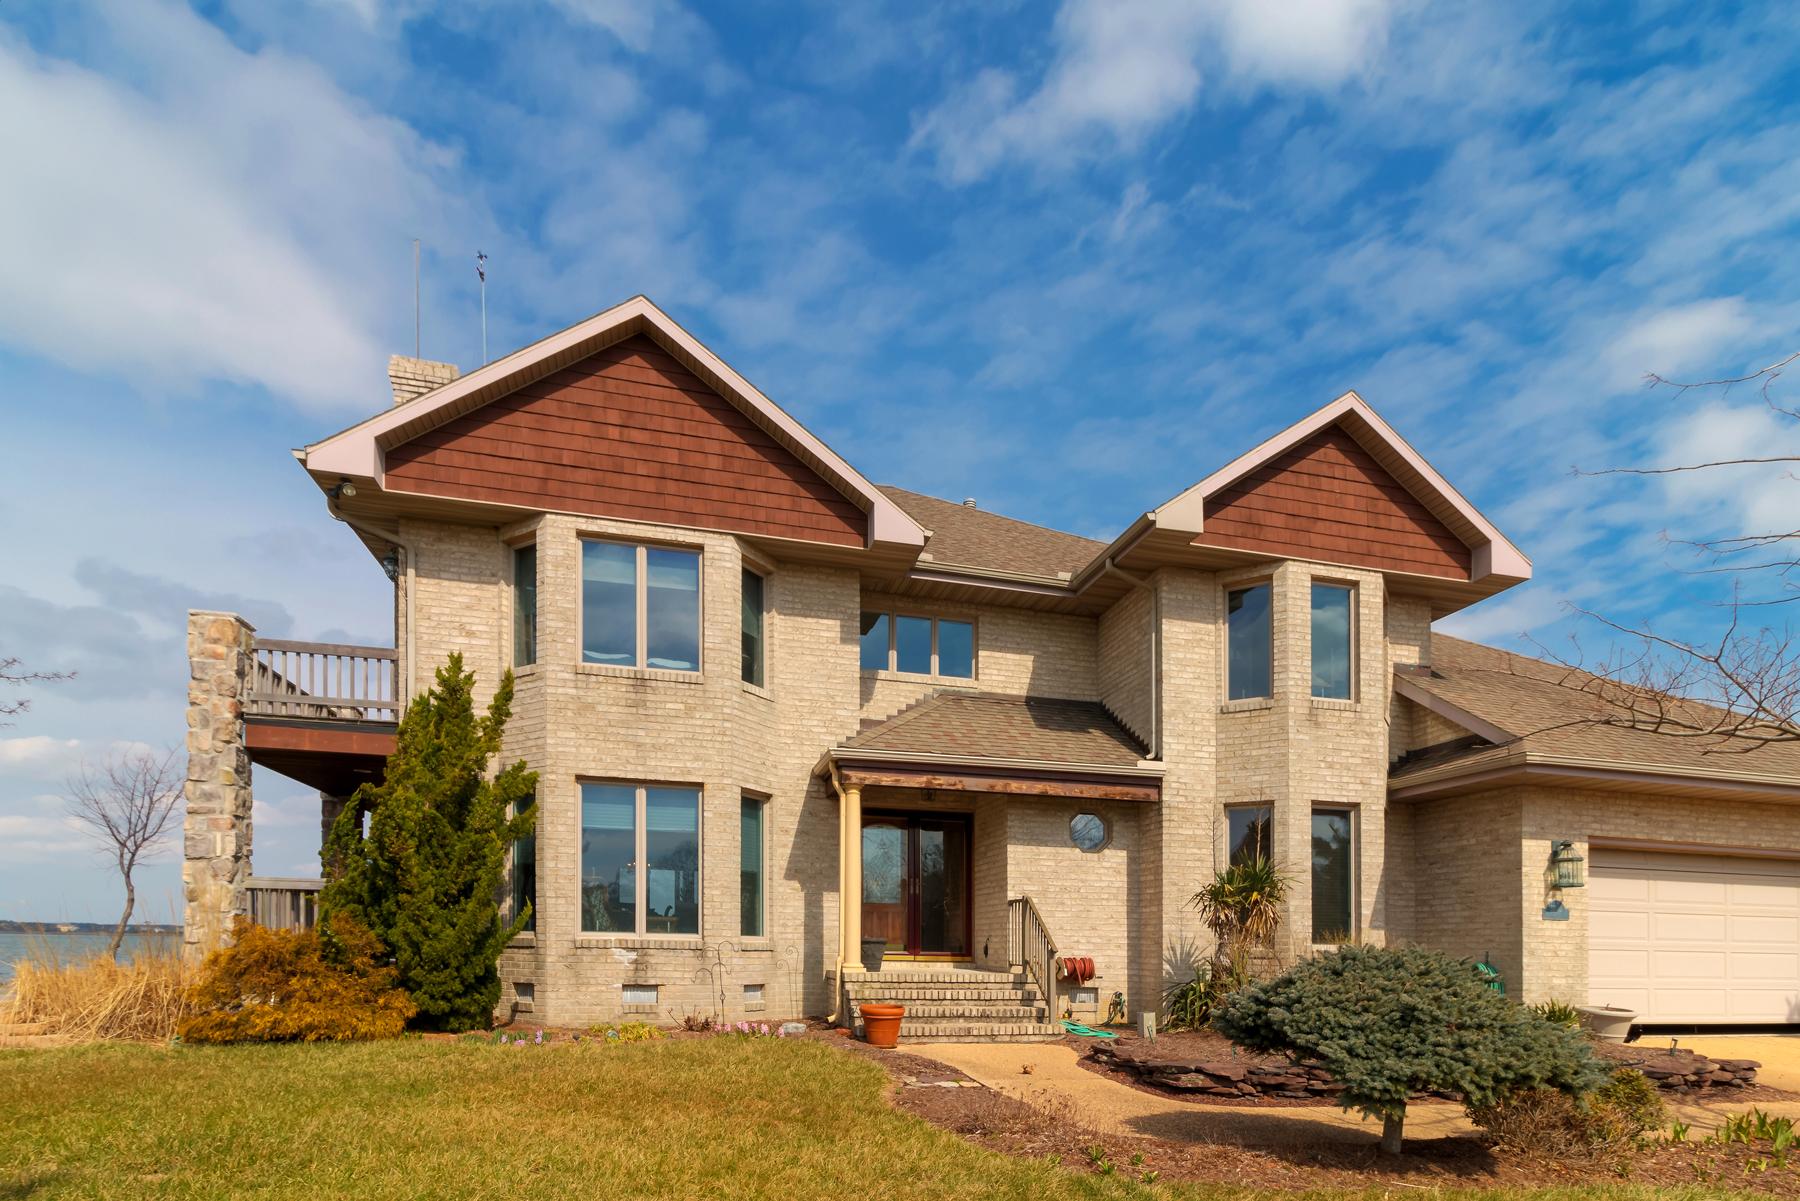 Частный односемейный дом для того Продажа на 34382 Indian River Drive , Dagsboro, DE 19939 34382 Indian River Drive Dagsboro, 19939 Соединенные Штаты